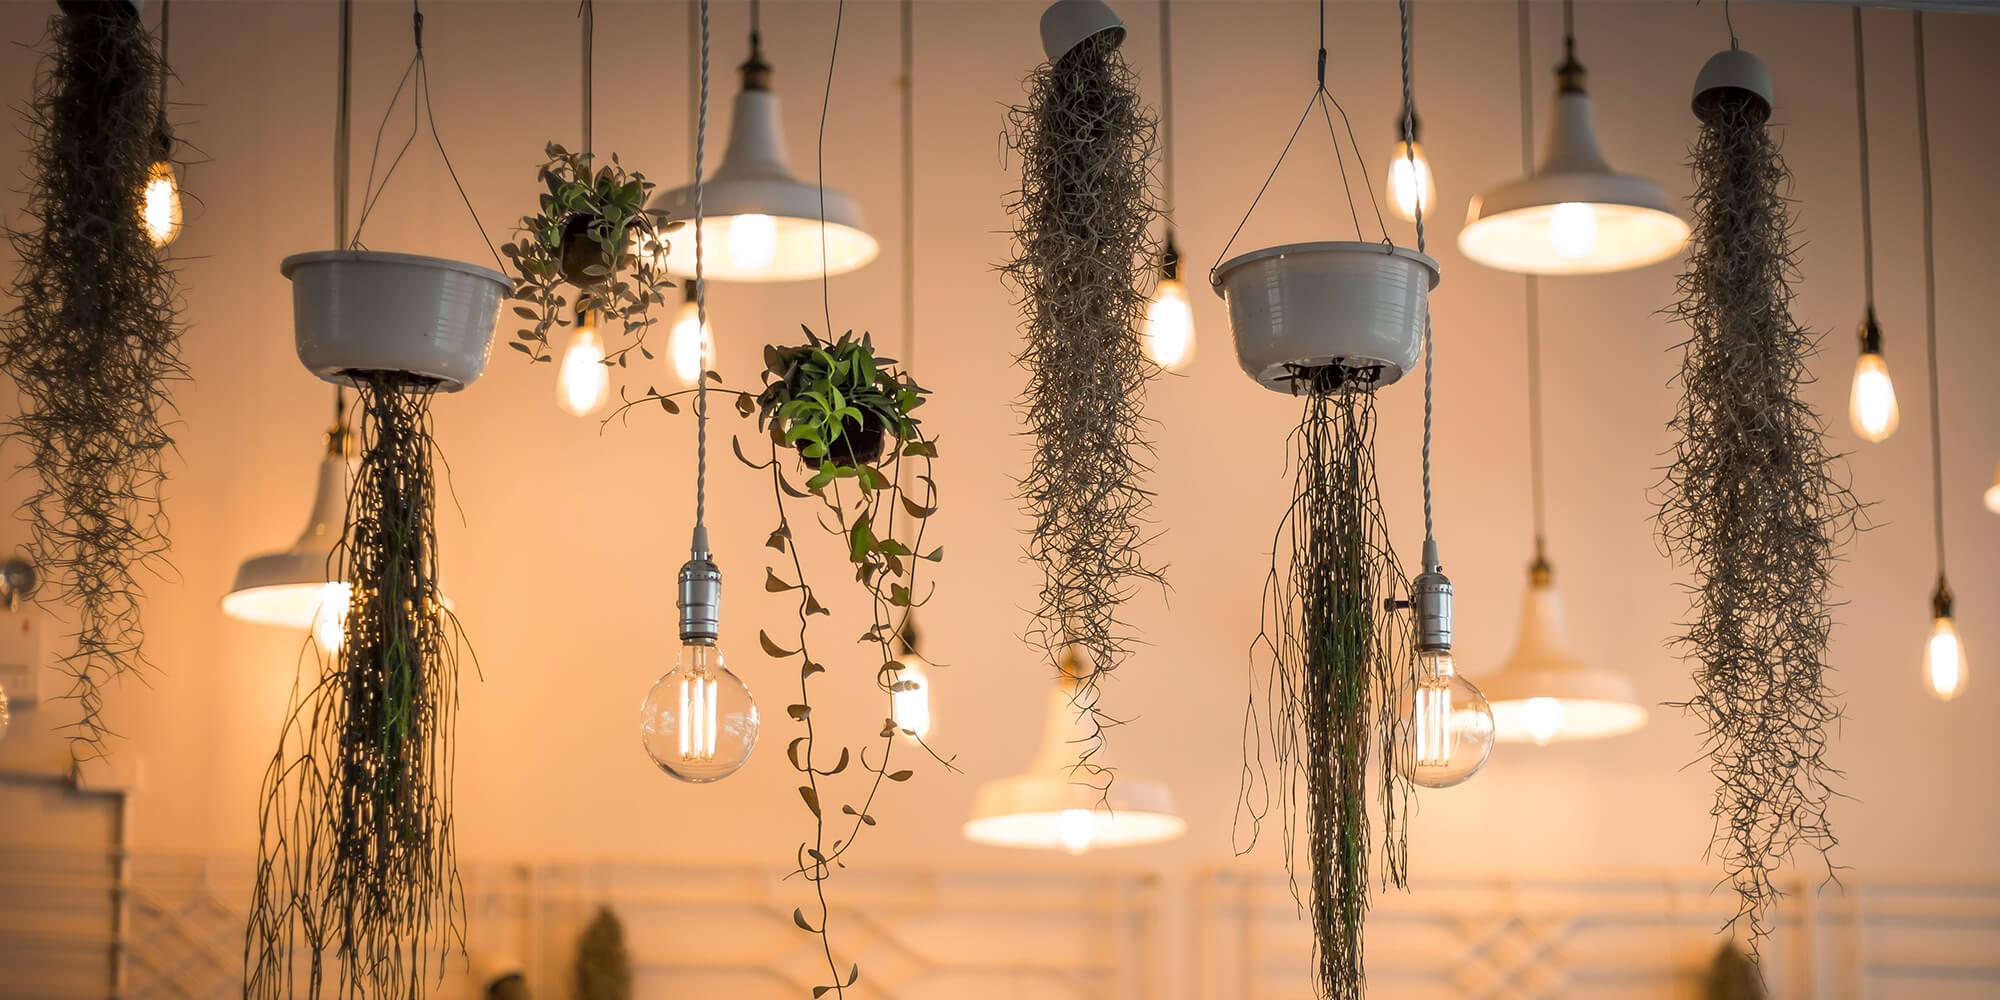 Iluminação e plantas